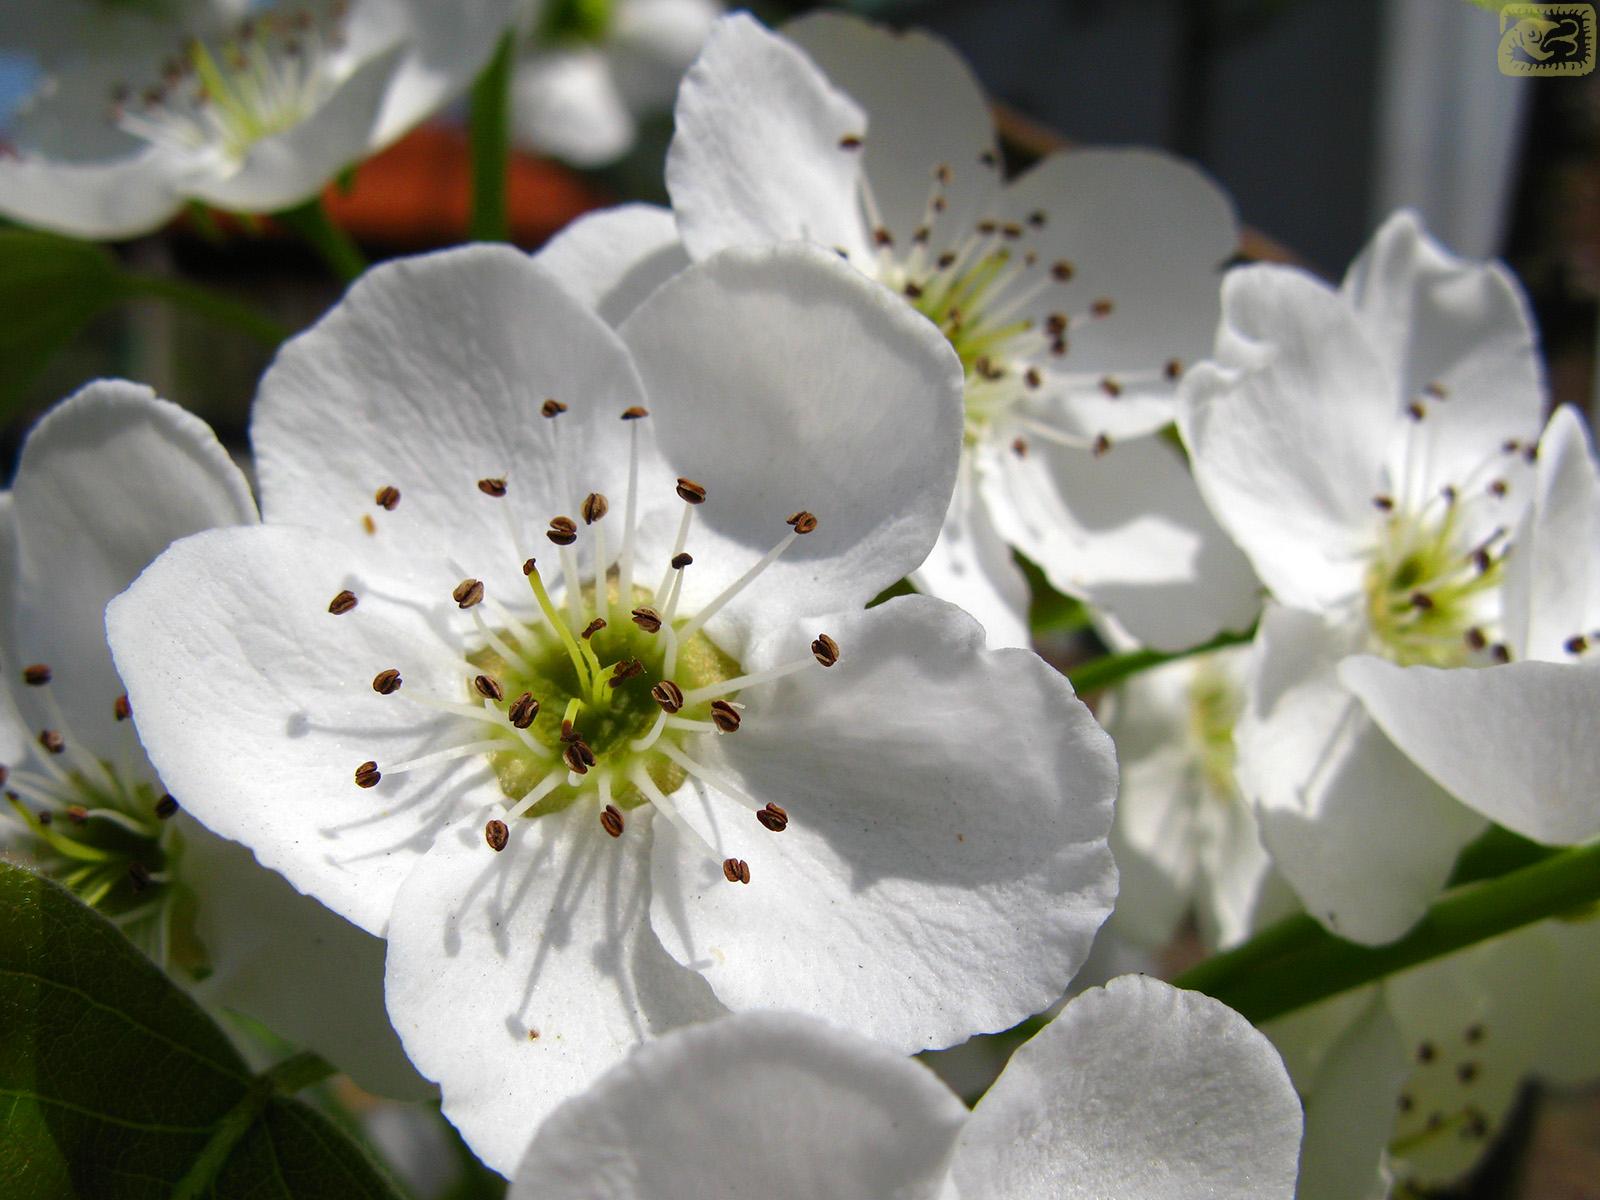 Korean pear blossoms